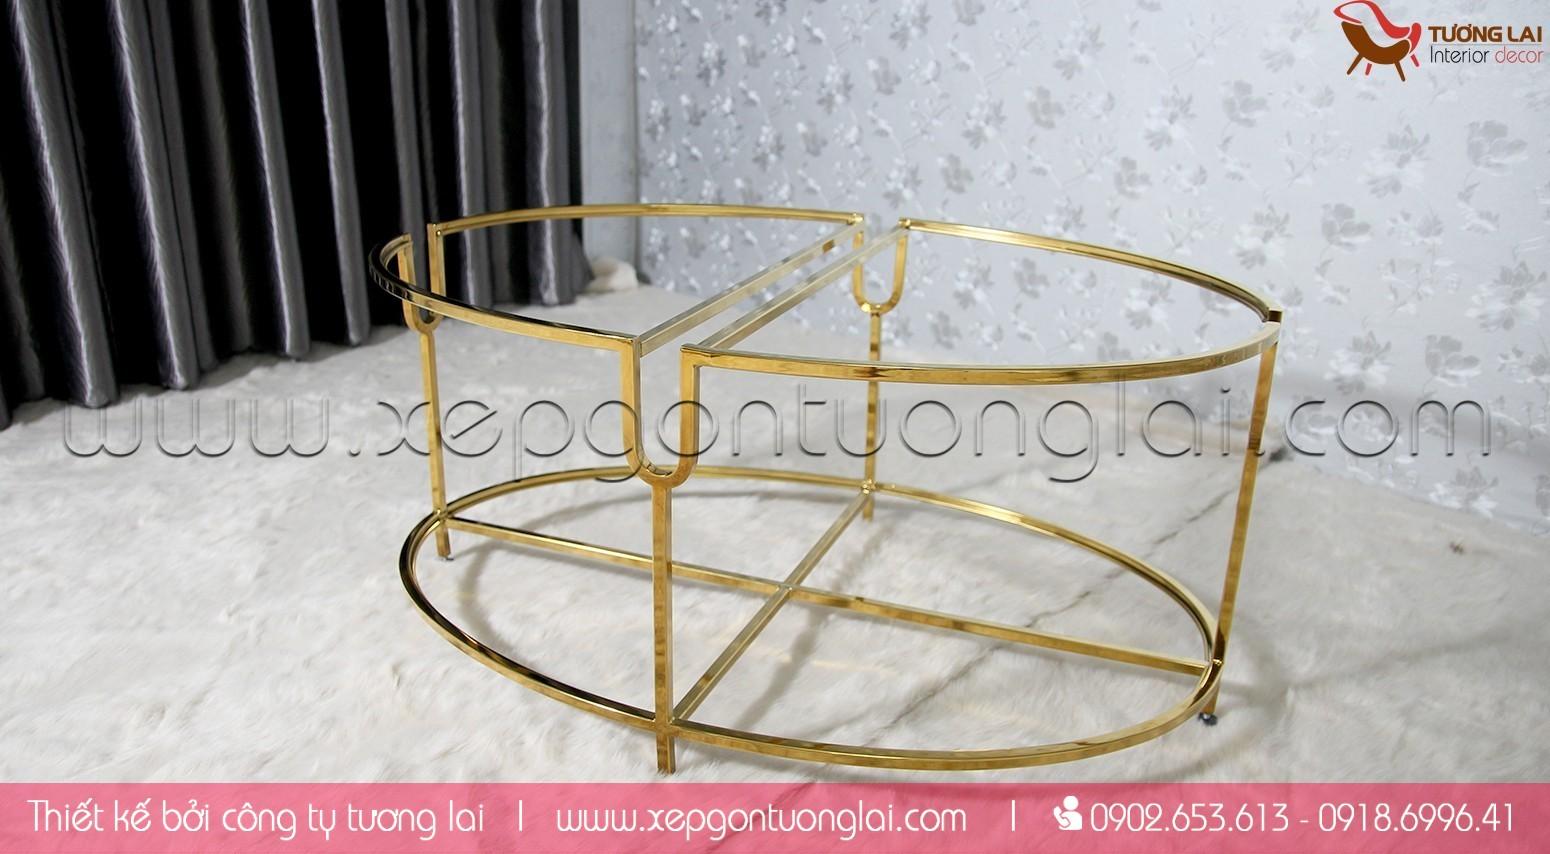 Gia Công Inox - Bàn sofa oval inox si vàng